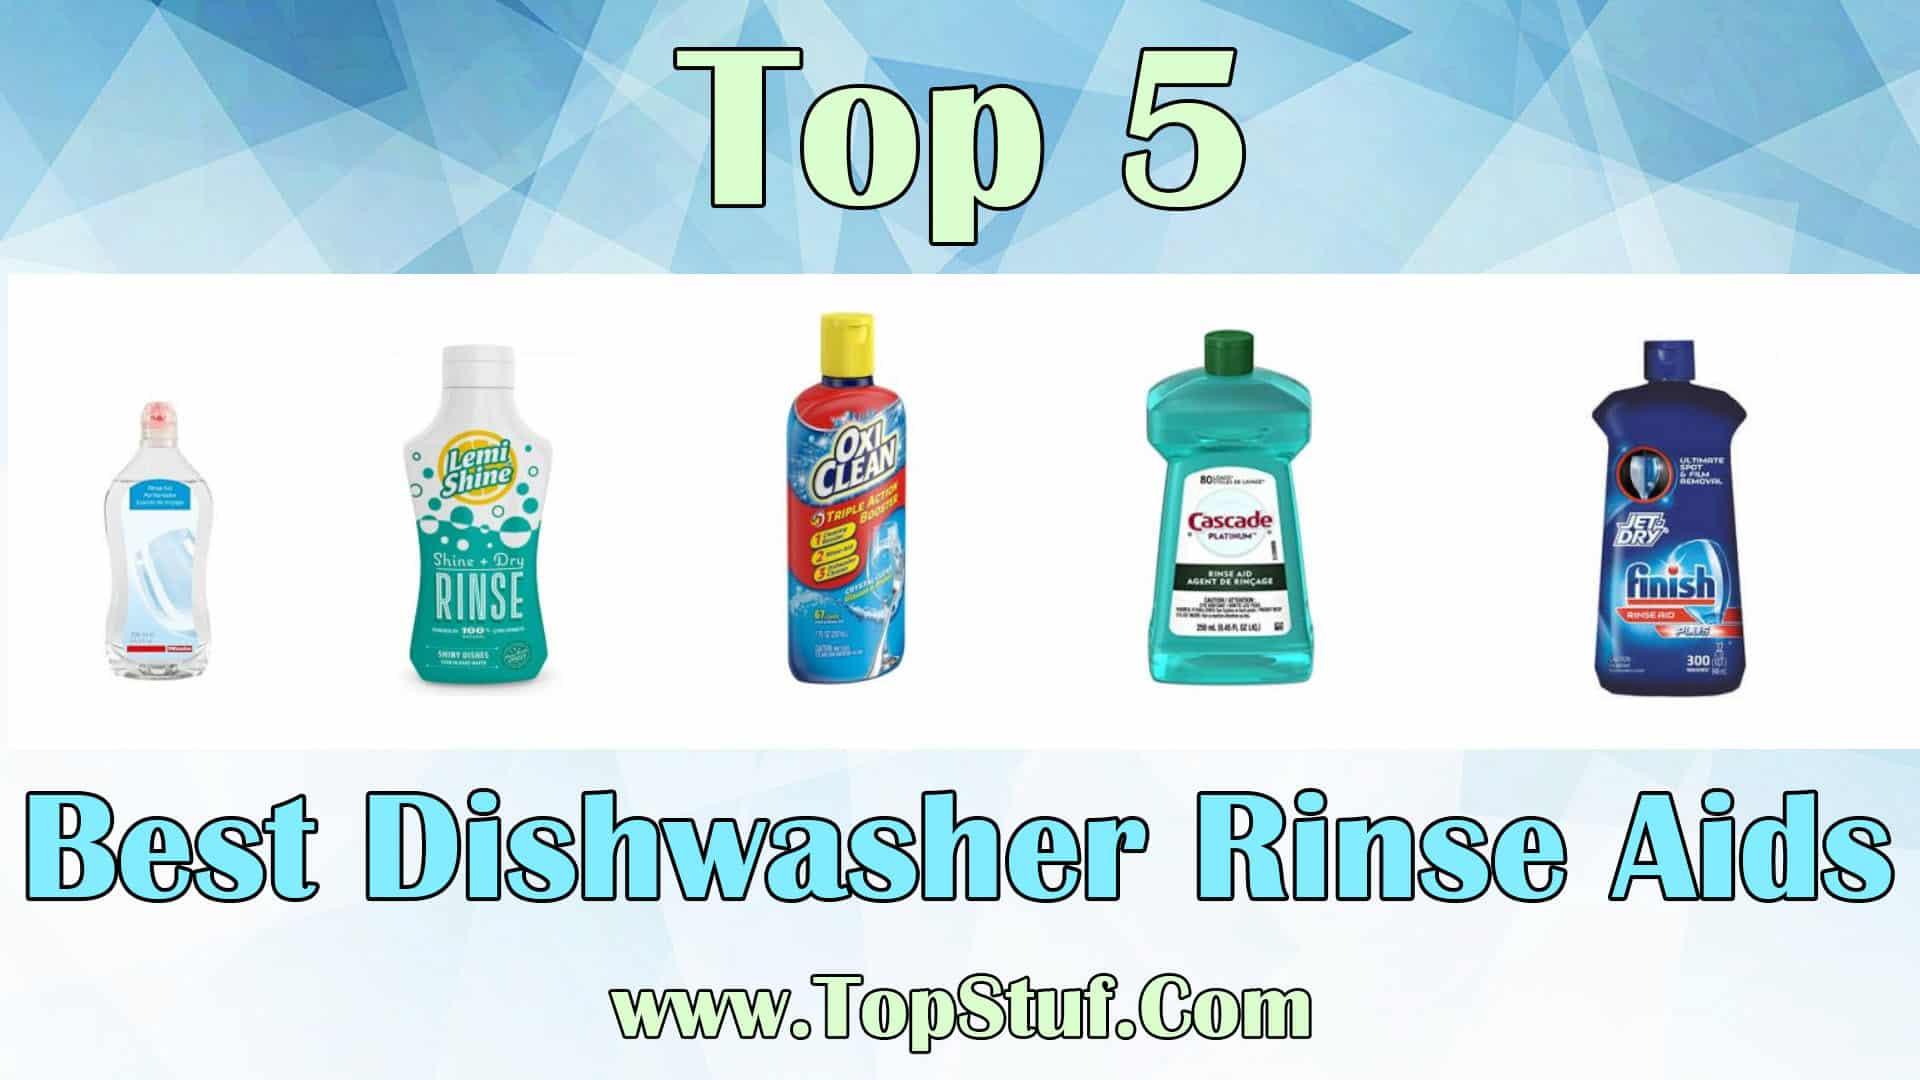 Best Dishwasher Rinse Aids